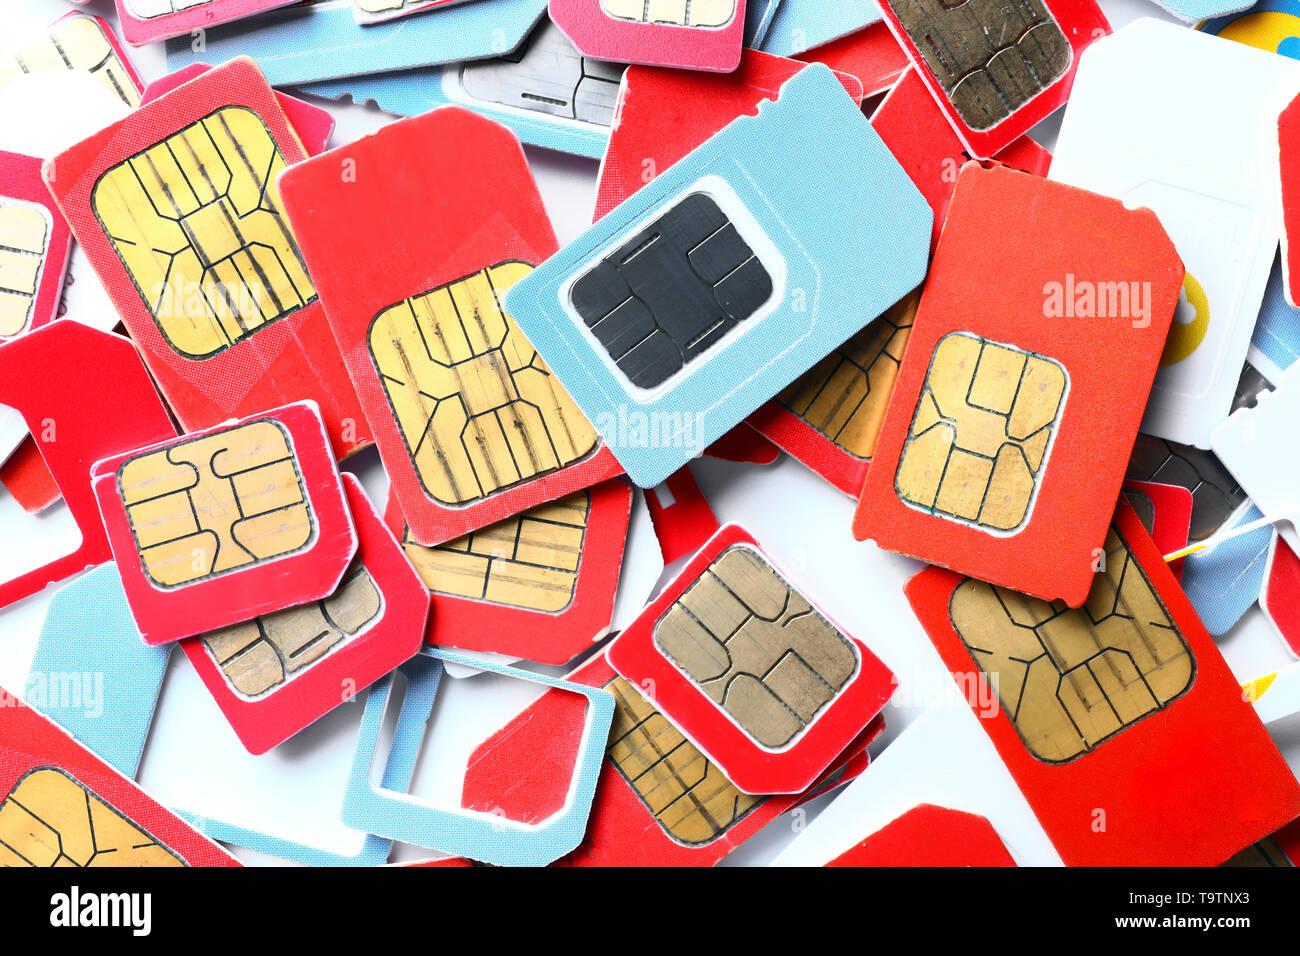 Many sim cards on white background - Stock Image